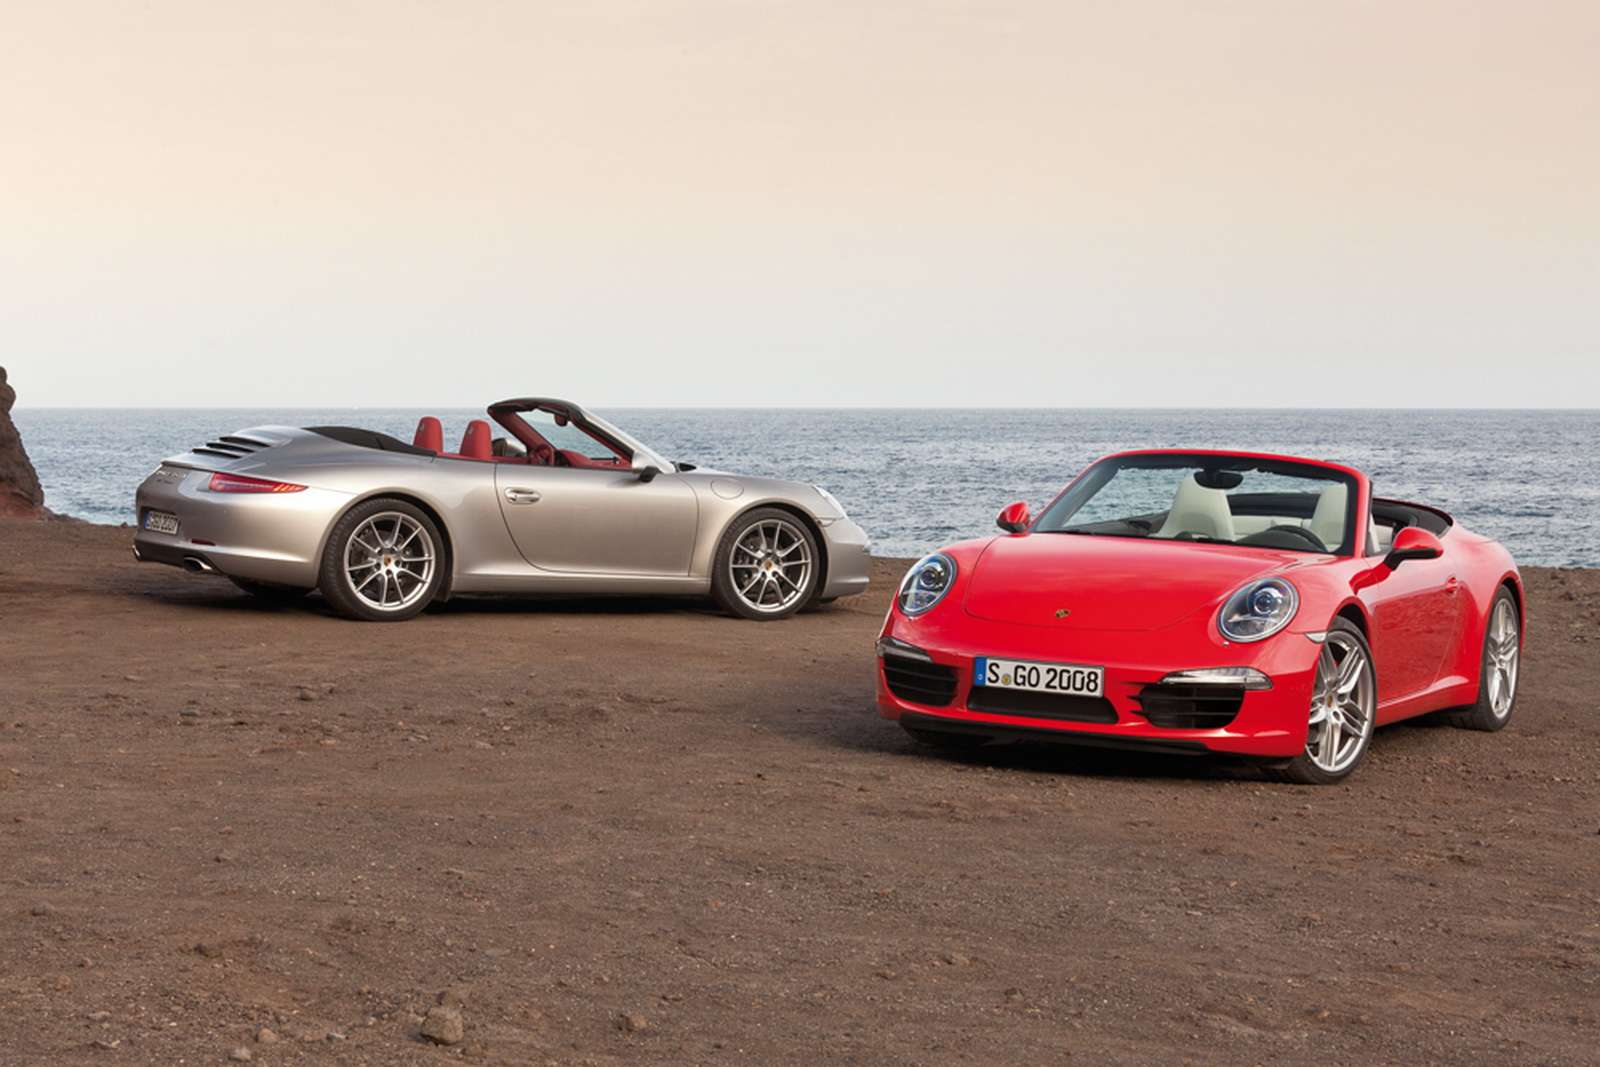 Porsche 911 Carrera Cabrio fot listopad 2011